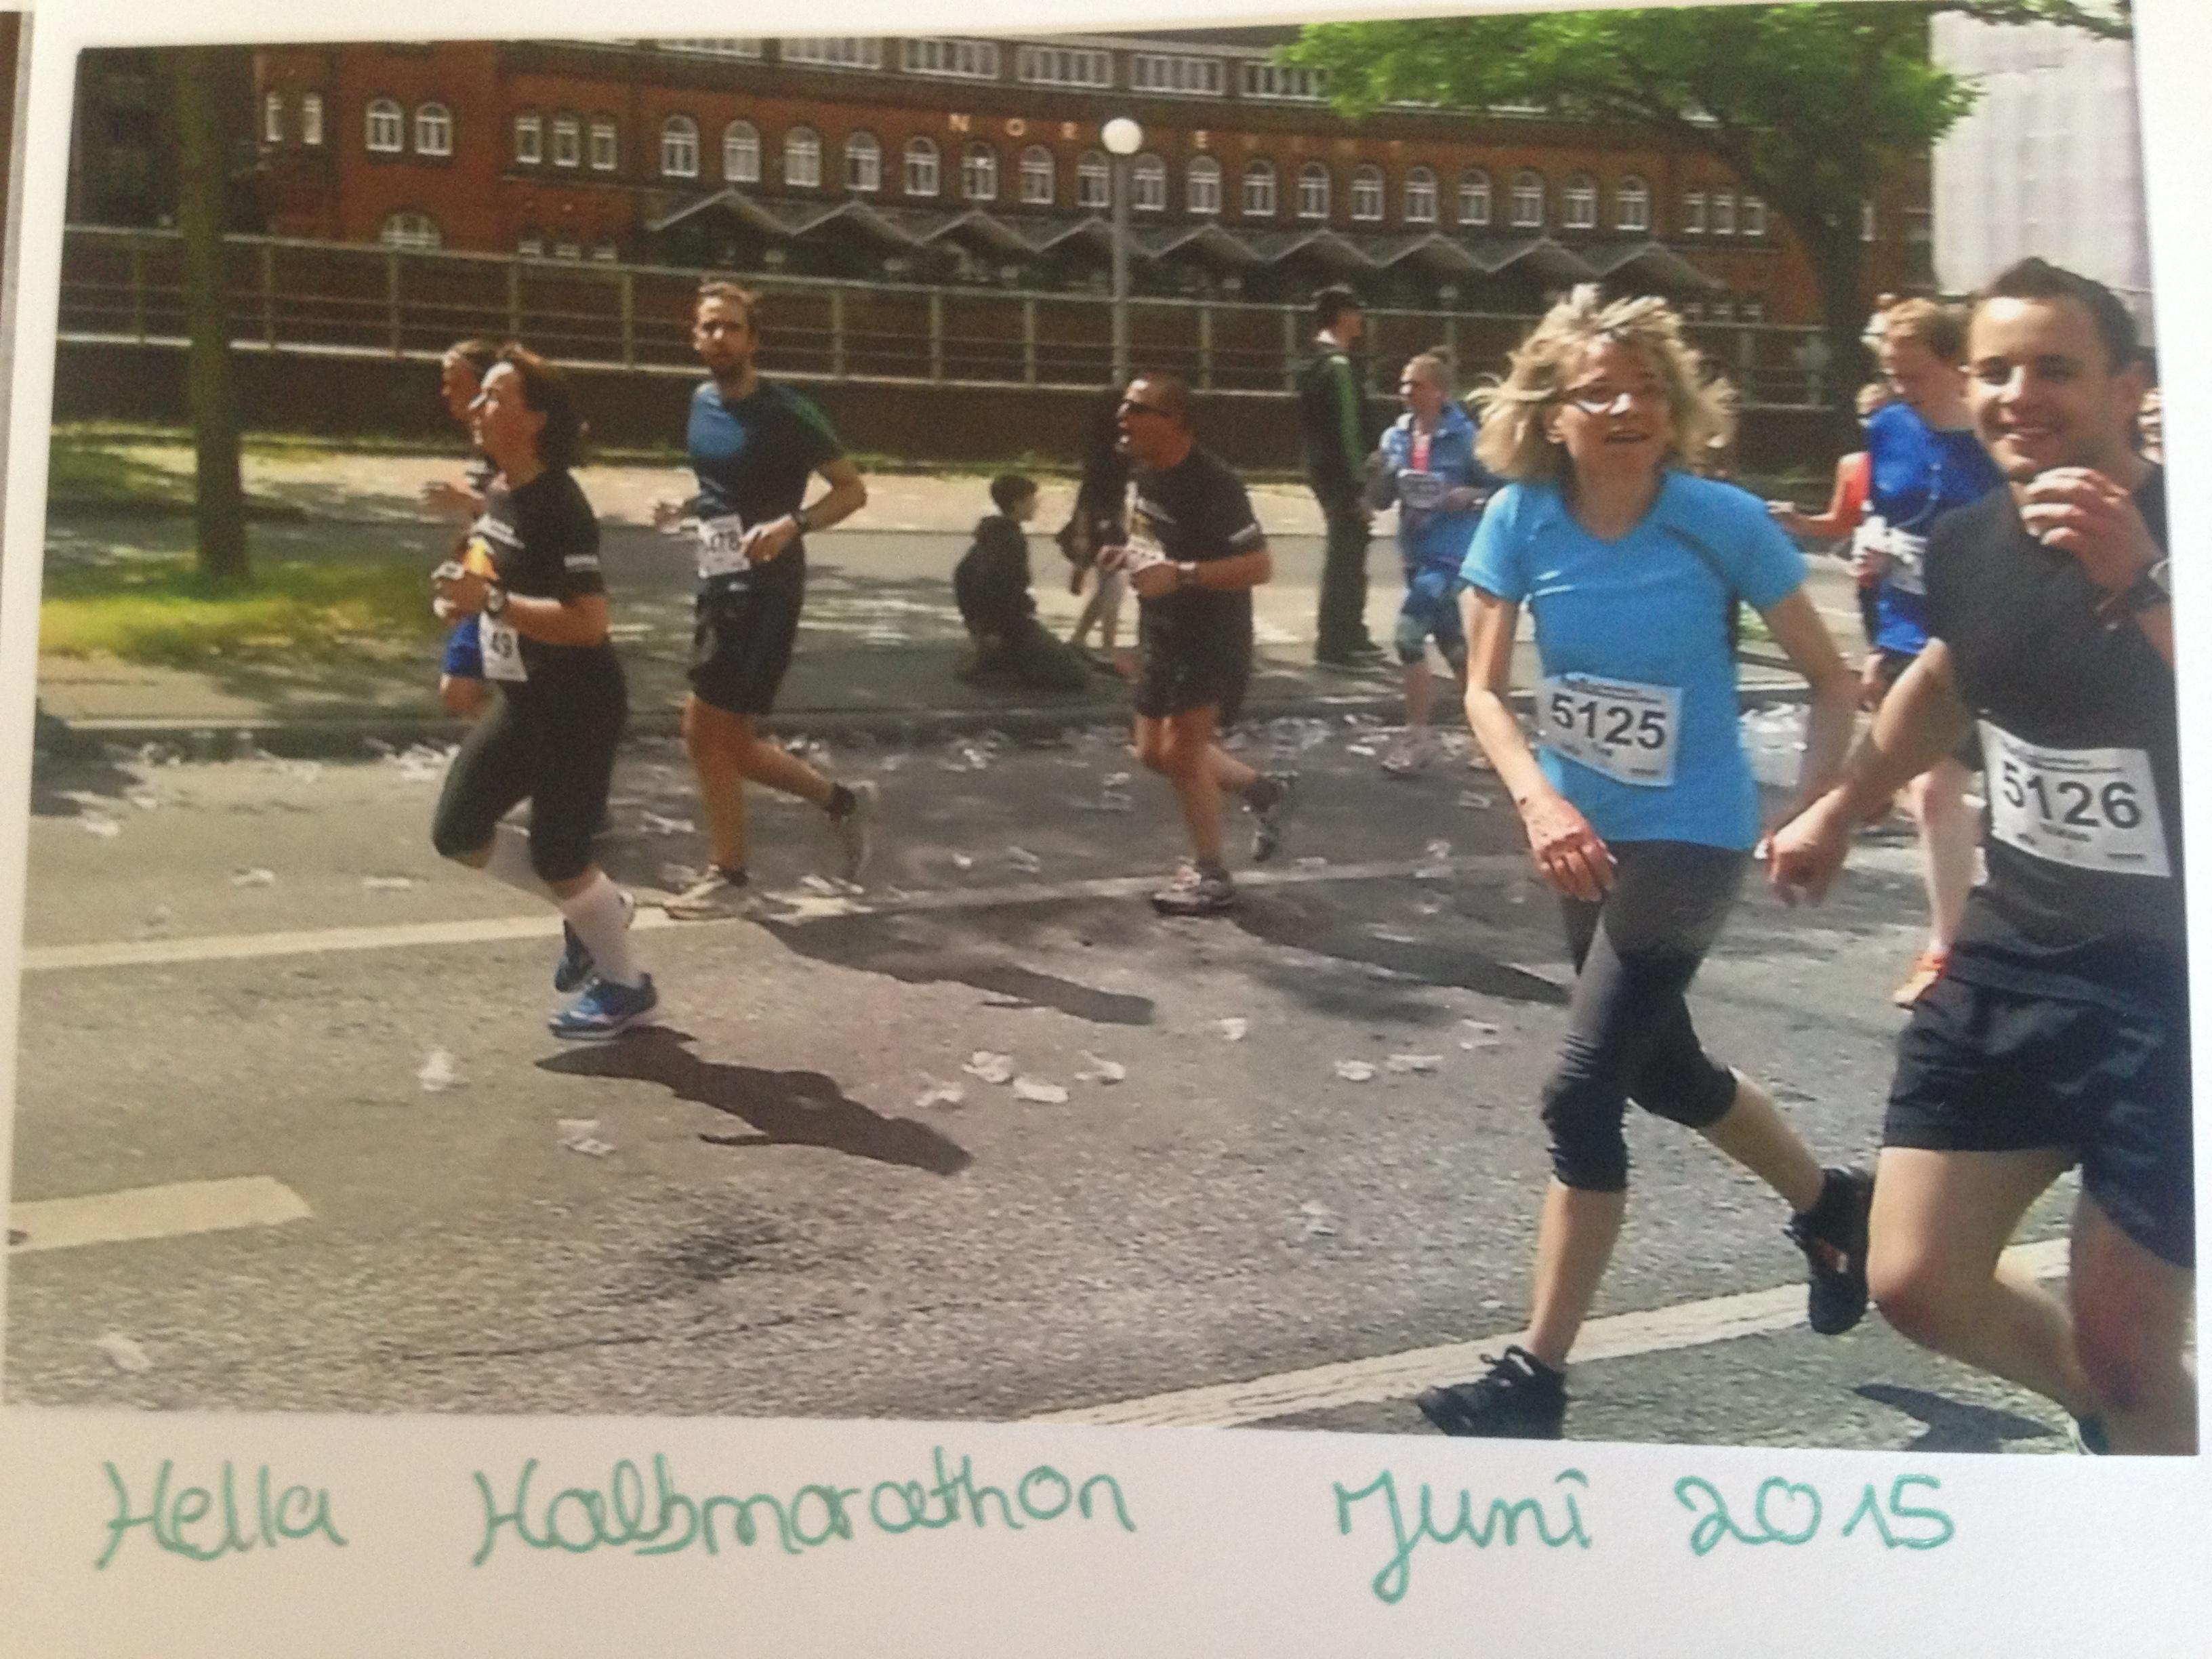 Eva, Guide Beim Dialog Im Dunkeln, Beim Marathon Laufen